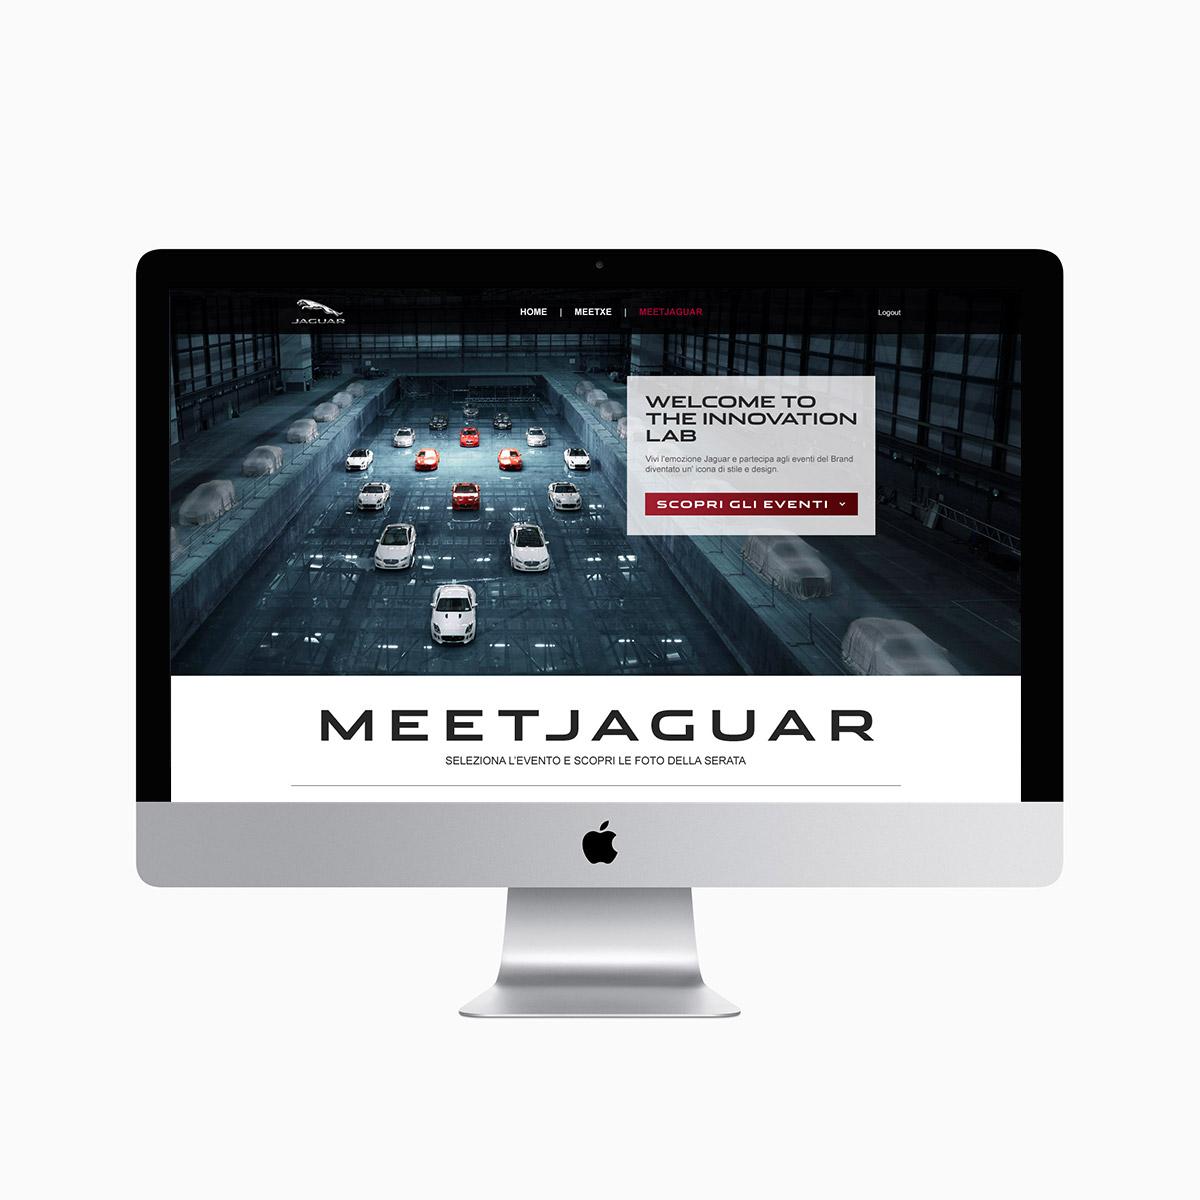 Monitor iMac con pagina Meet Jaguar dedicata agli eventi del brand Jaguar